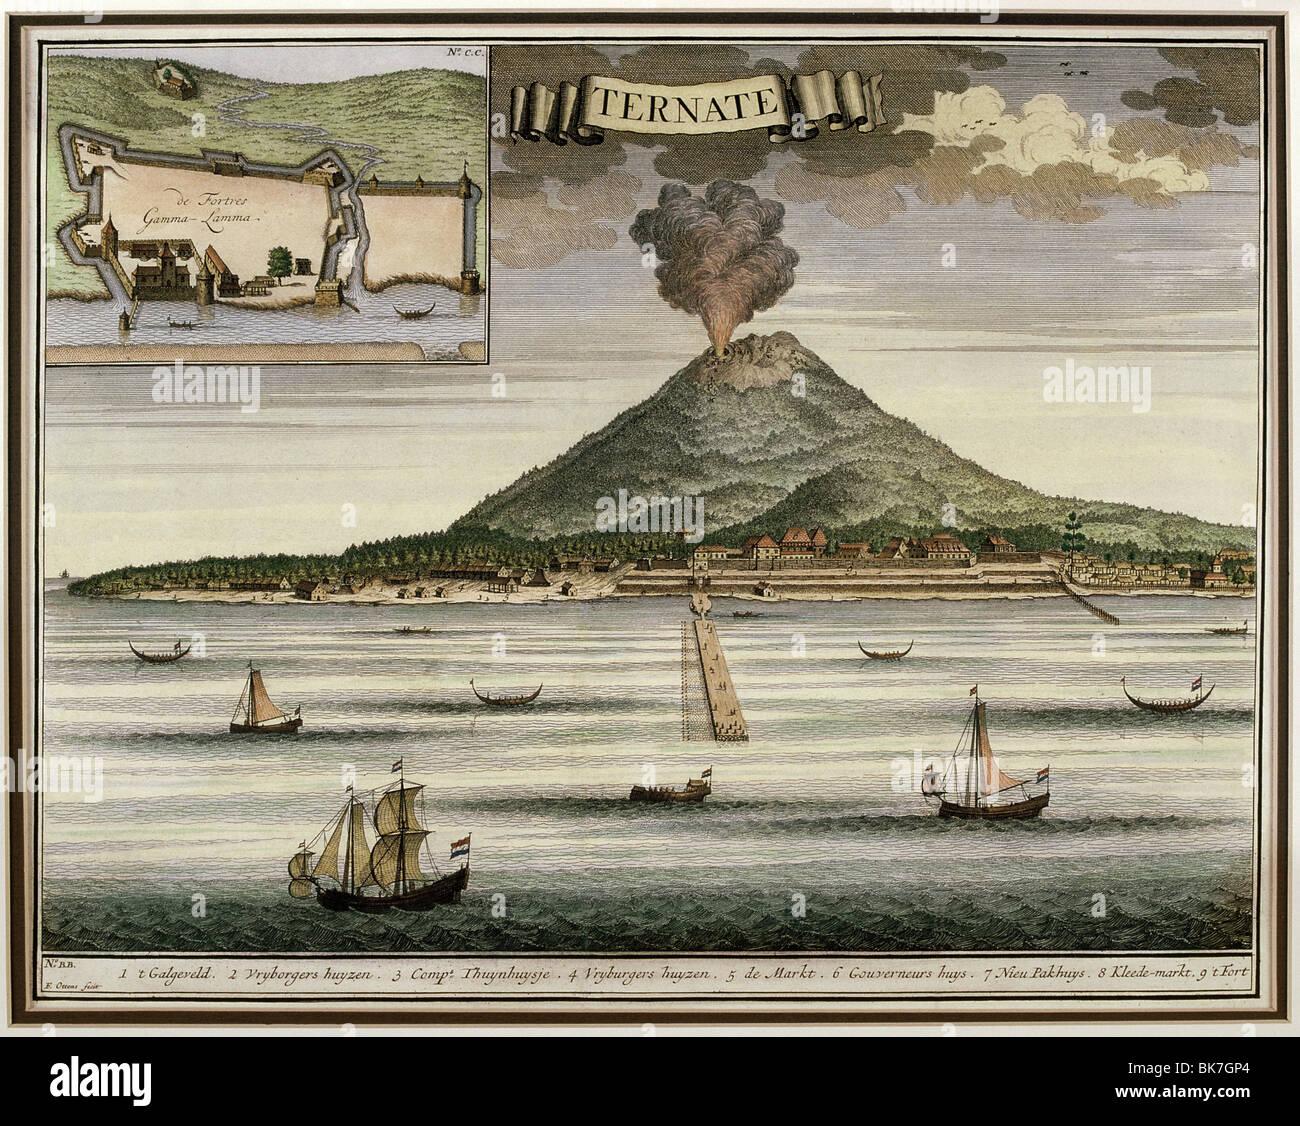 Abbildung von Francois Valentijns 18. Jahrhunderts Oud Nieuw Oost-Indien zeigt die Insel von Ternate, Indonesien Stockbild